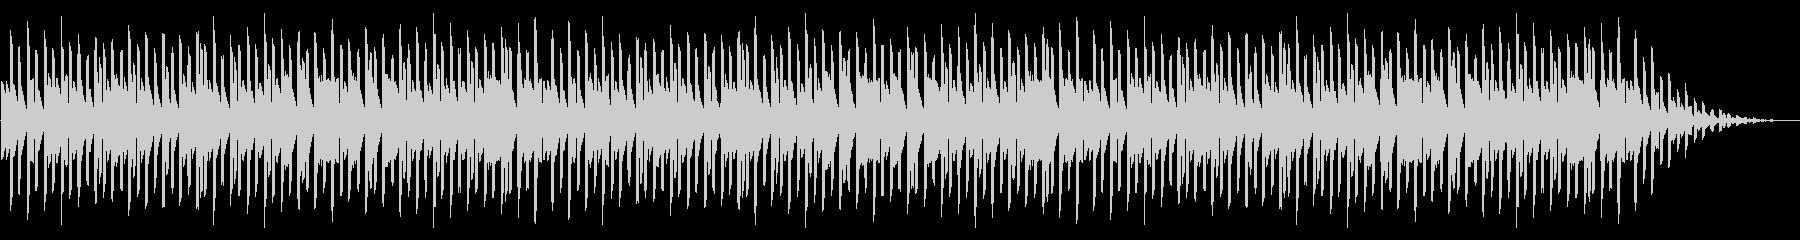 NES 汎用 A01-1(タイトル) の未再生の波形